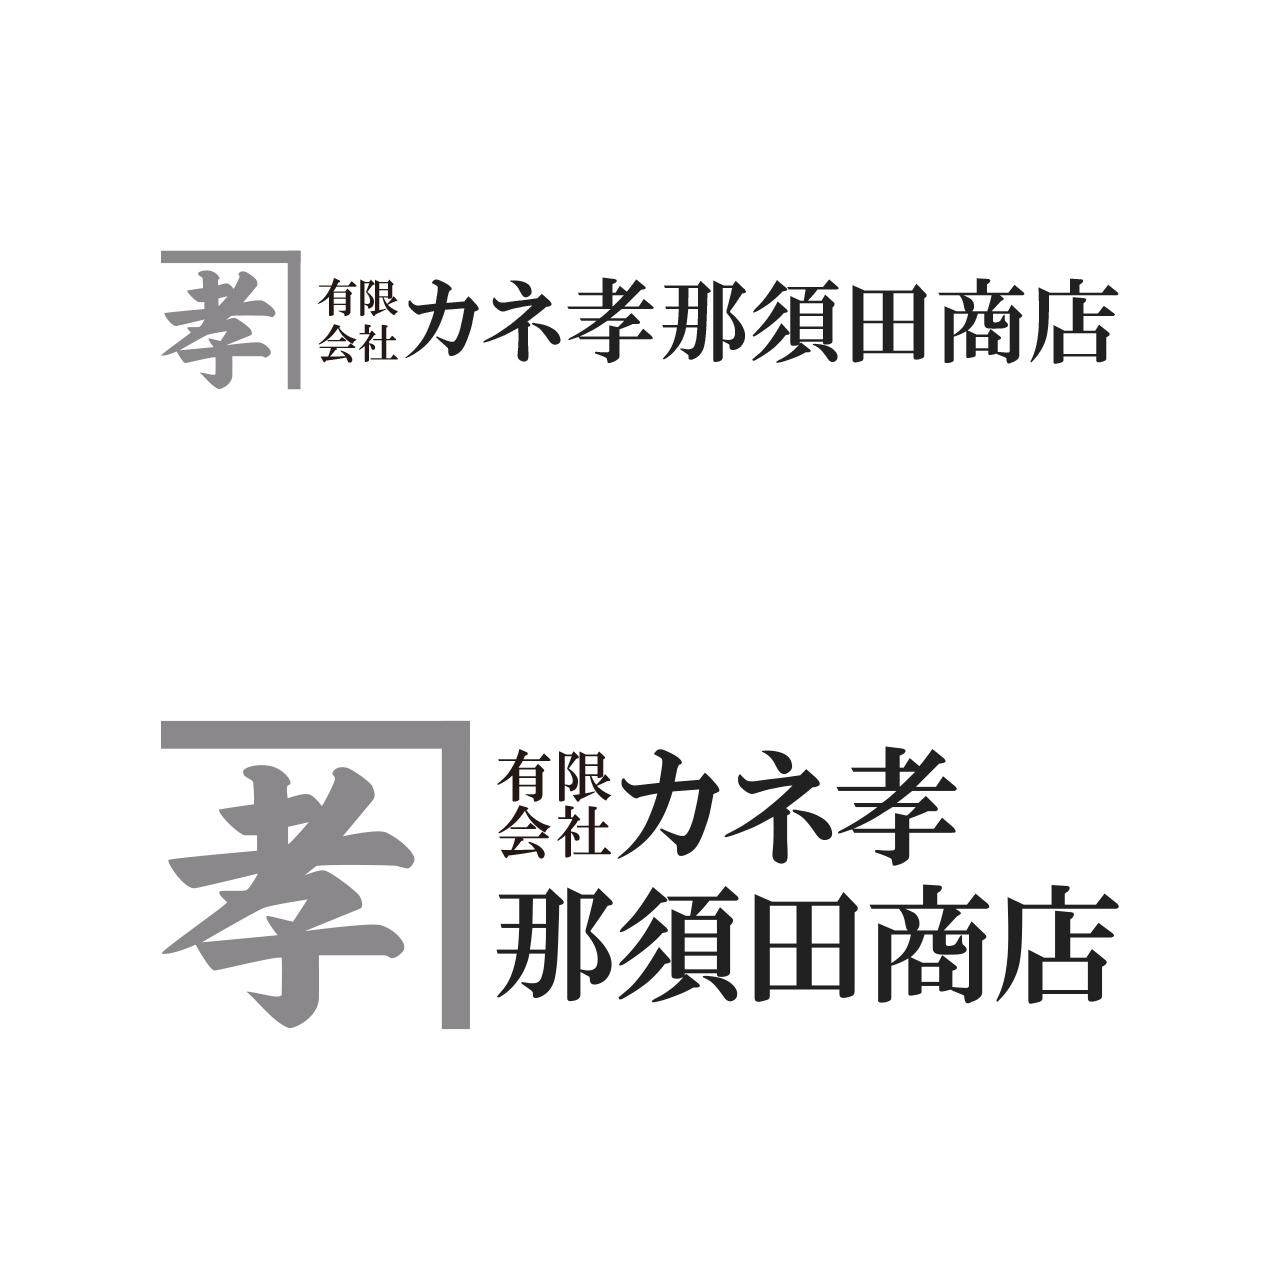 有限会社カネ孝那須田商店 ロゴ制作